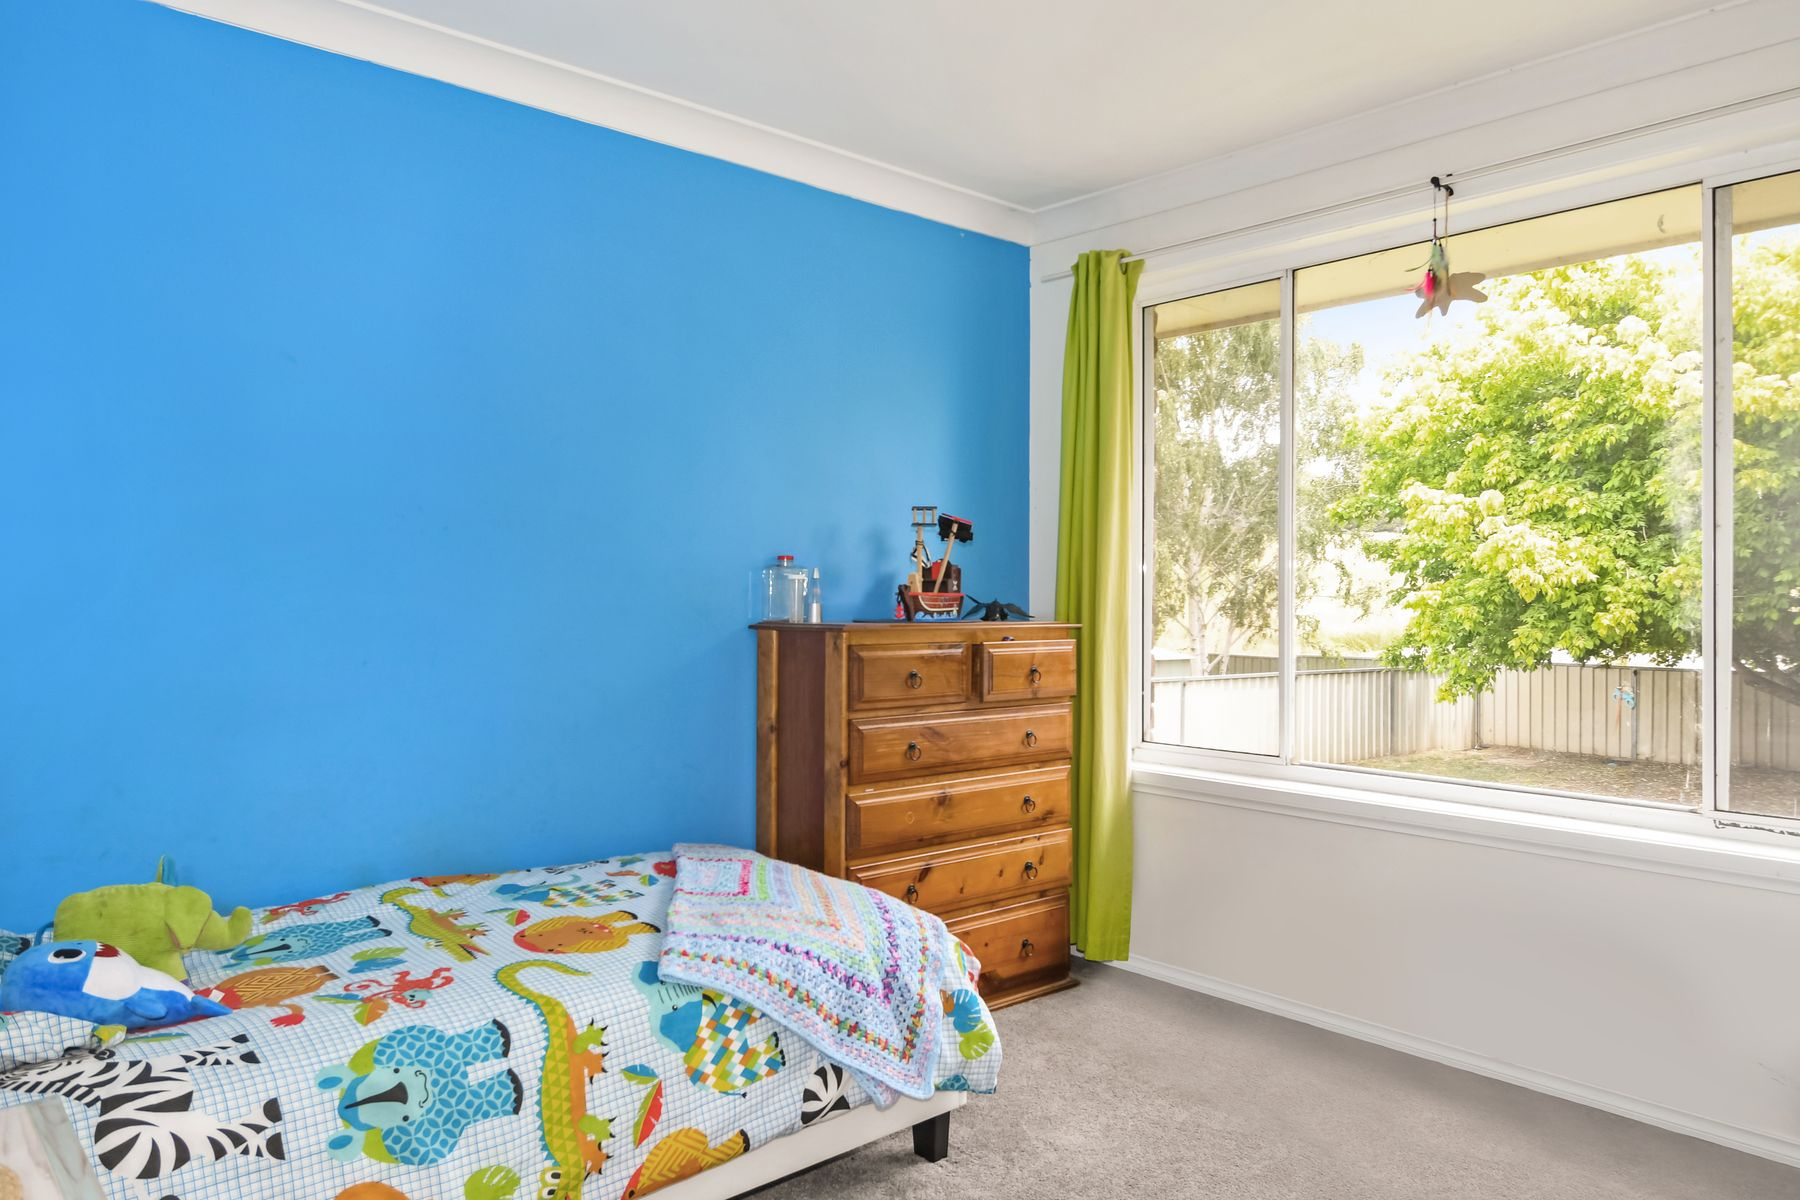 79 Bonnor street, Kelso, NSW 2795